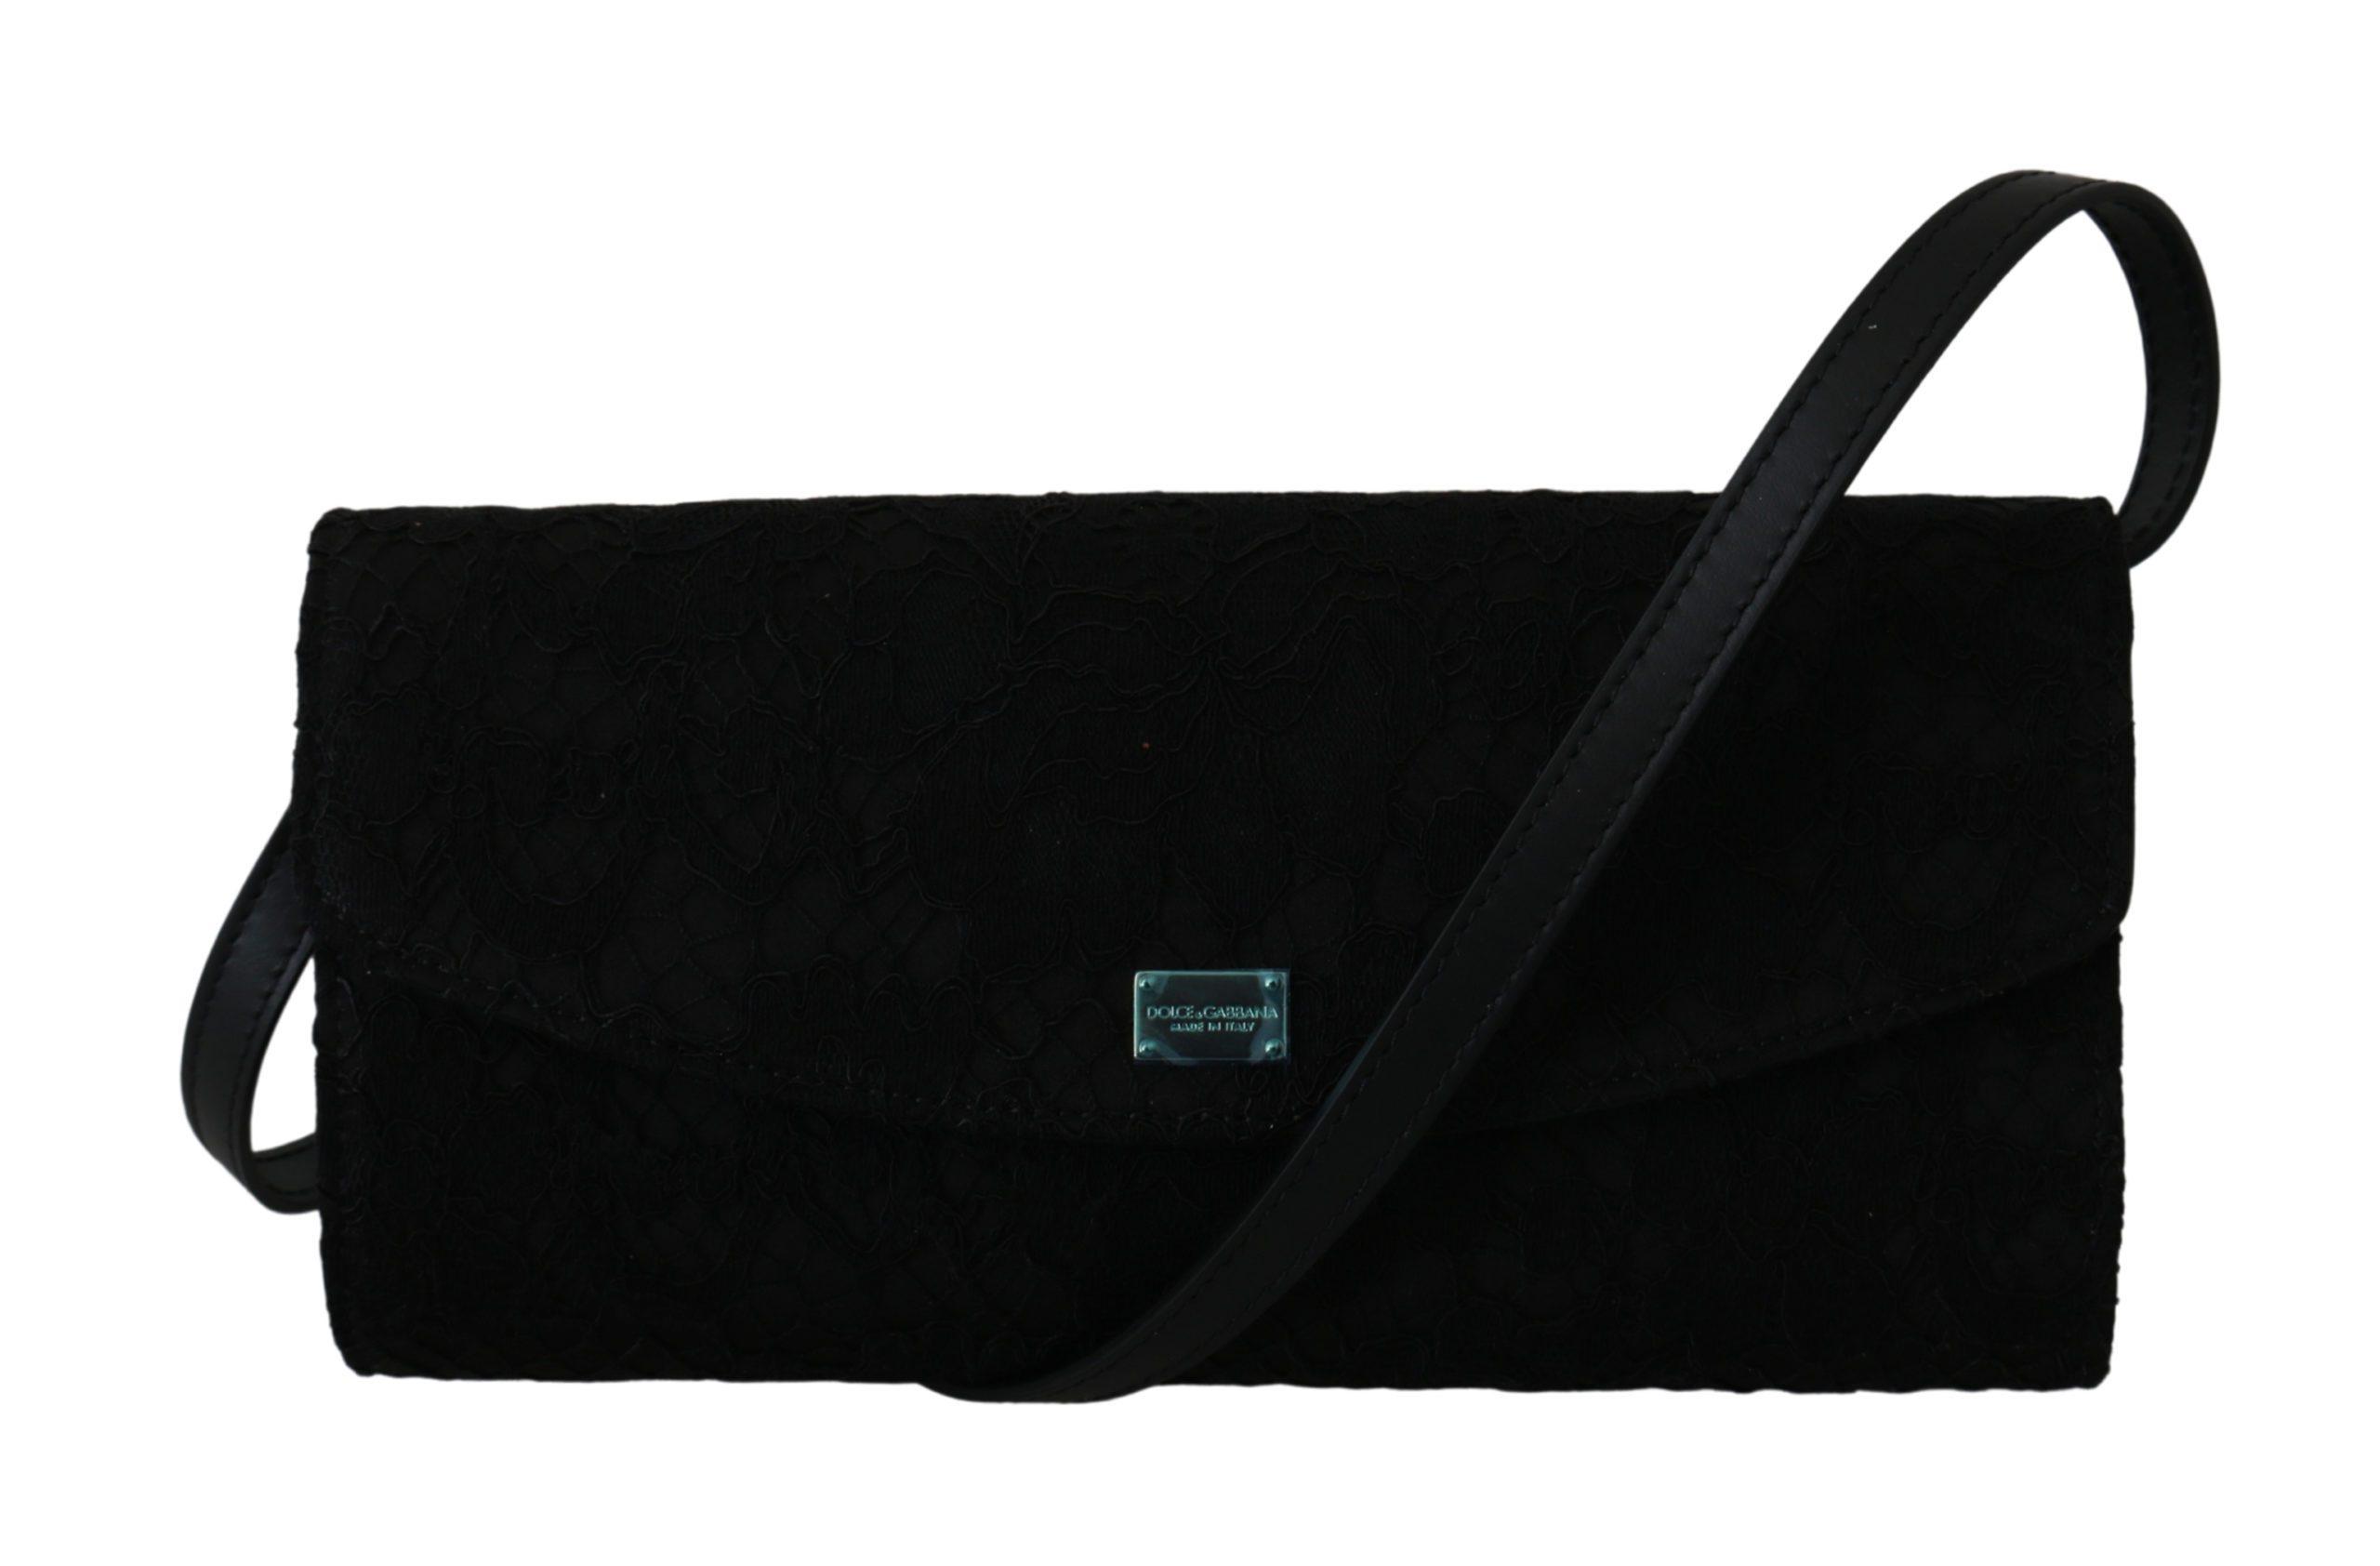 Black Floral Lace Evening Long Clutch Borse Cotton Bag